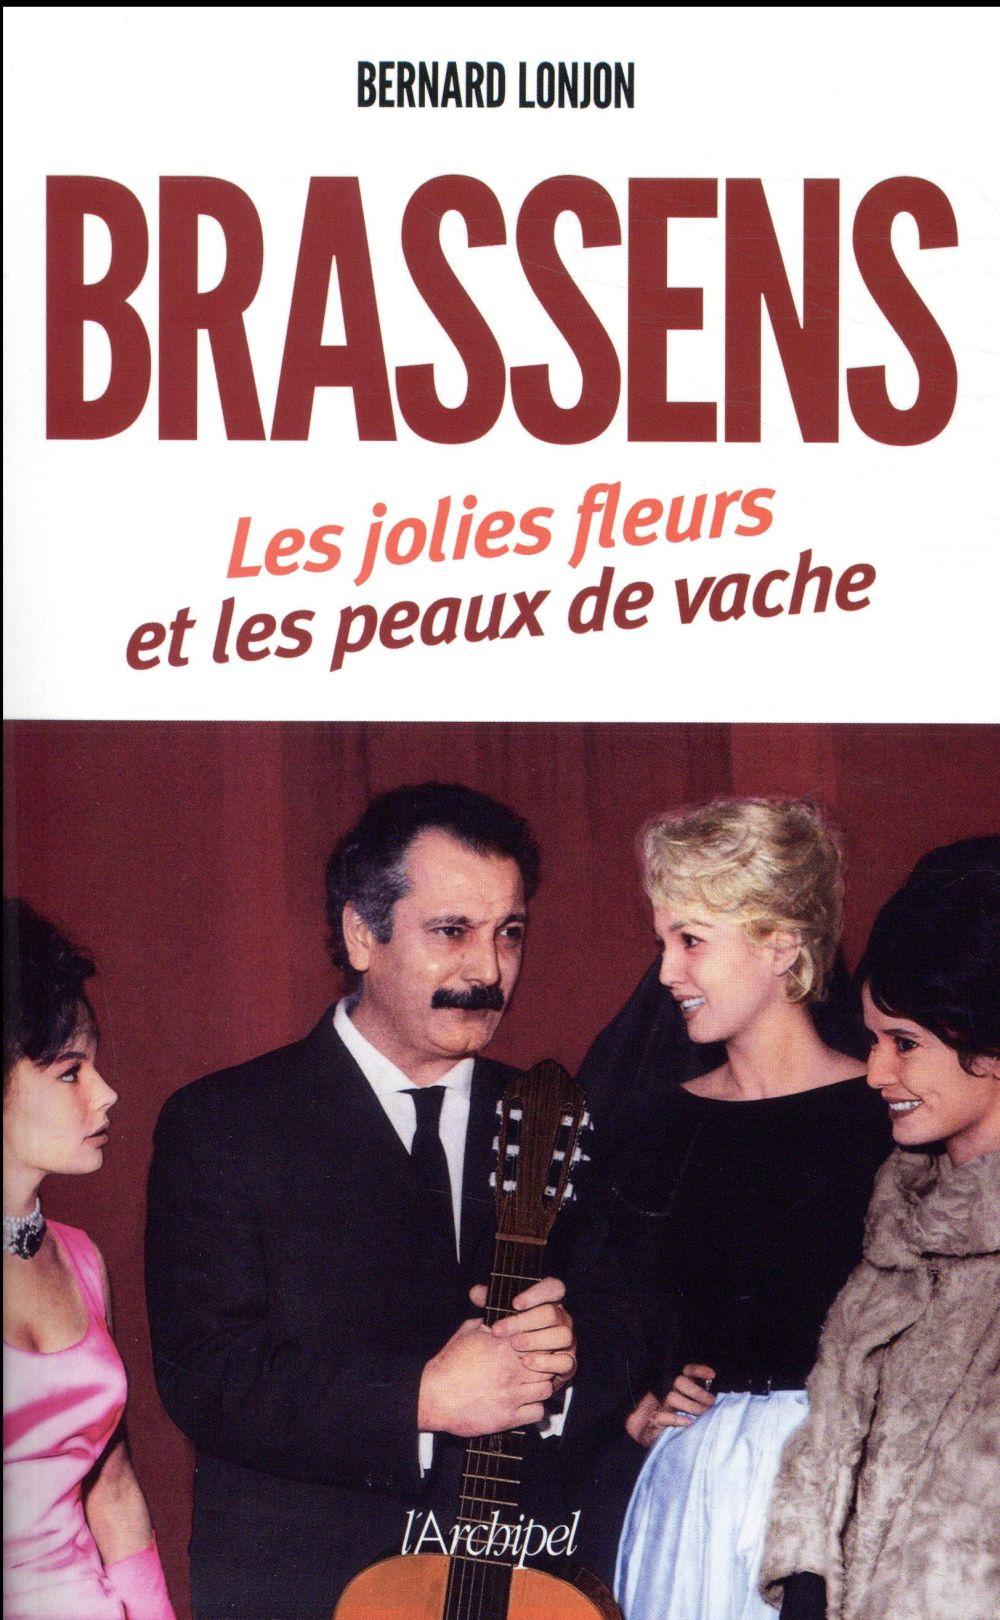 BRASSENS, LES JOLIES FLEURS ET LES PEAUX DE VACHE